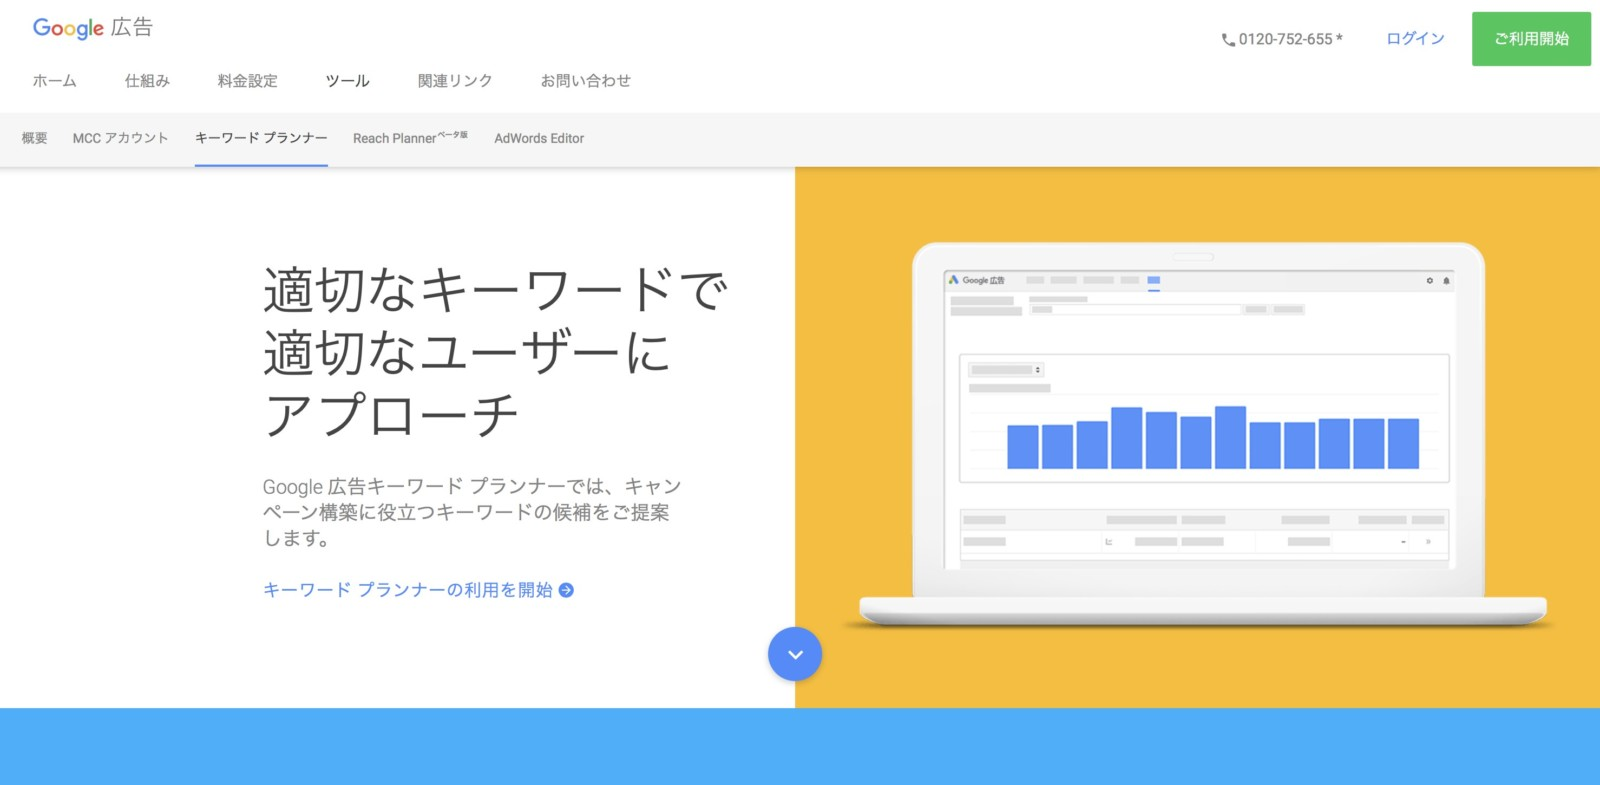 image-サロンホームページを検索上位にするときに、必ず意識する「キーワードの作り方」 | WordPressを使ったホームページヒーリングソリューションズ